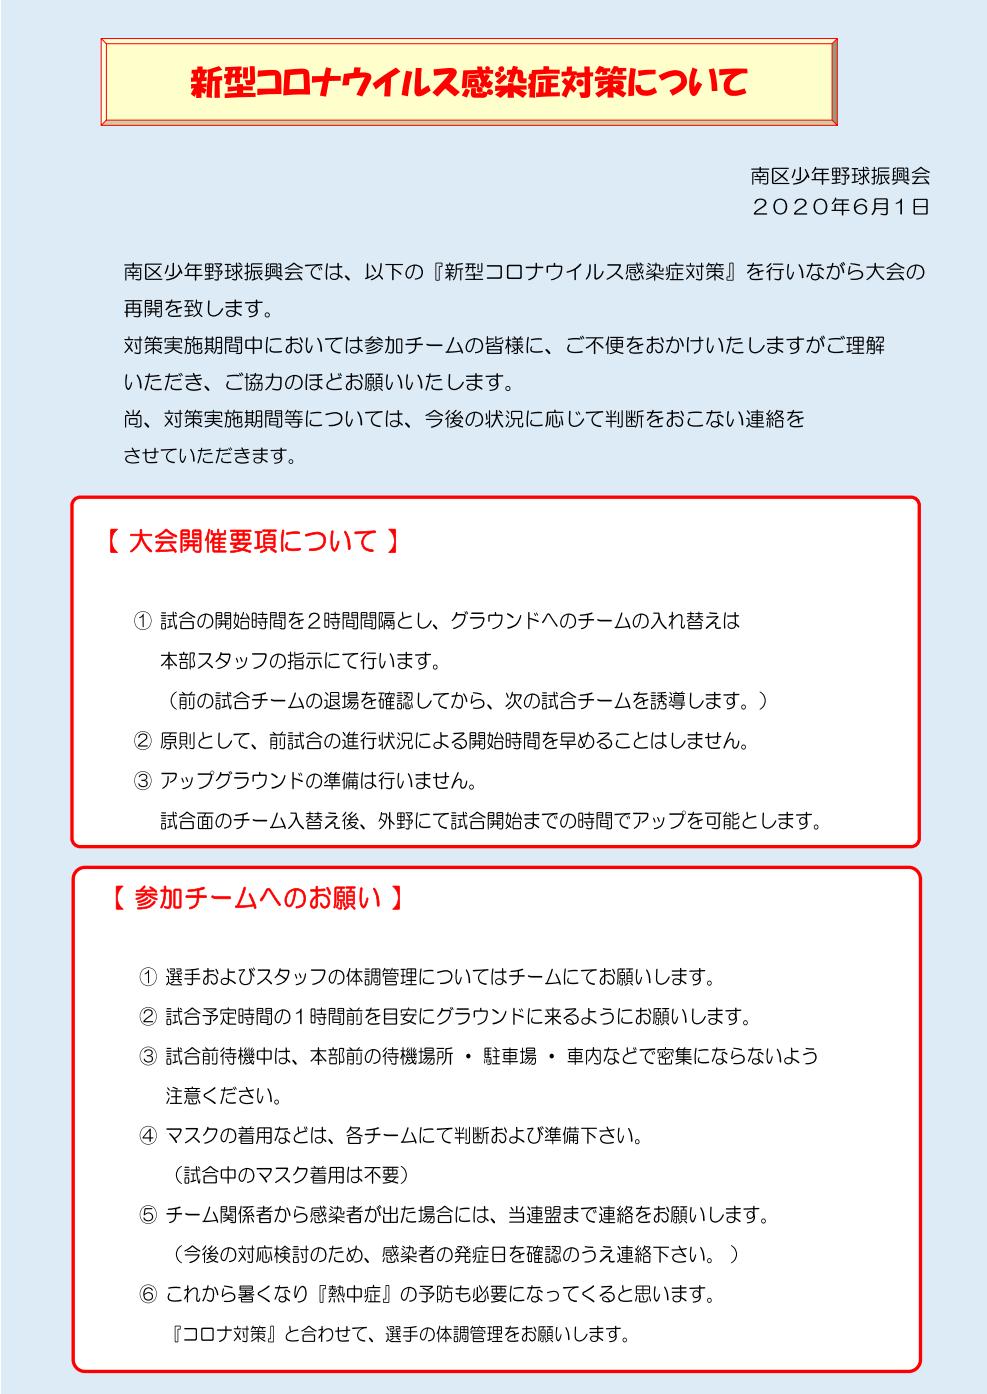 新型コロナウイルス感染症対策について.png